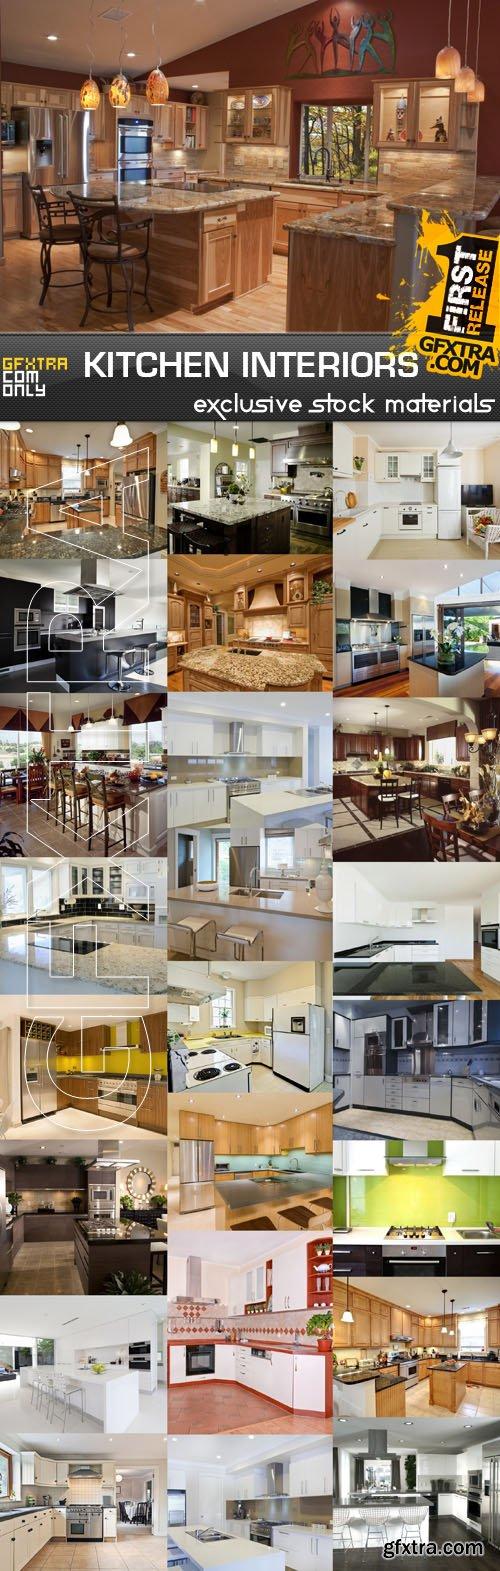 Kitchen Interiors, 25xUHQ JPEG